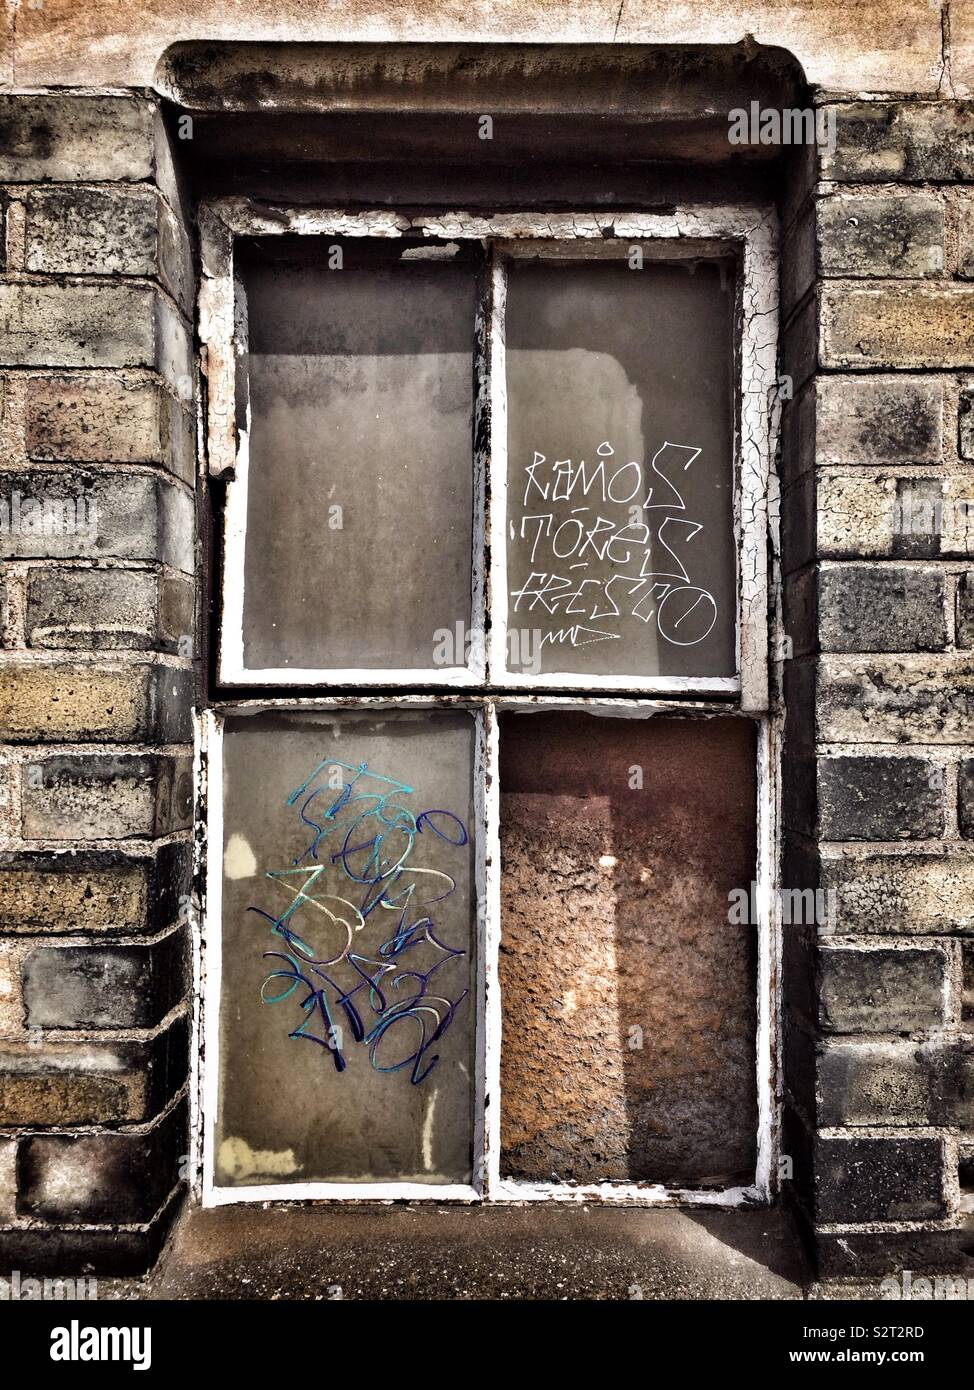 Une vitre cassée couvert de graffitis dans un entrepôt désaffecté à Tottenham, Londres. Photo Stock